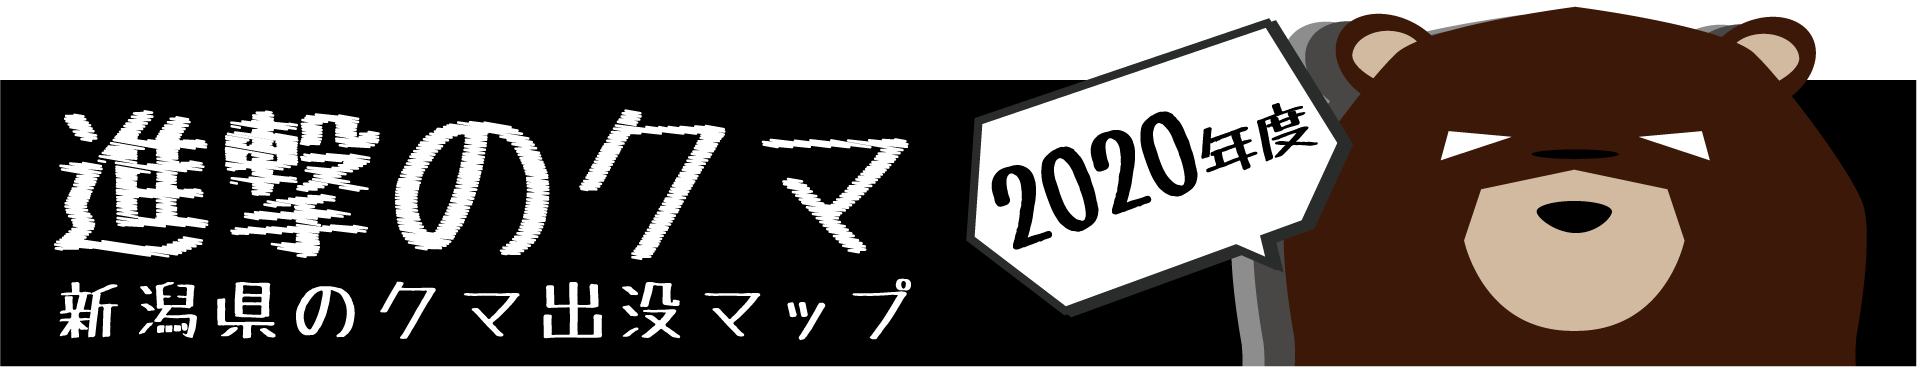 進撃のクマ2020年度